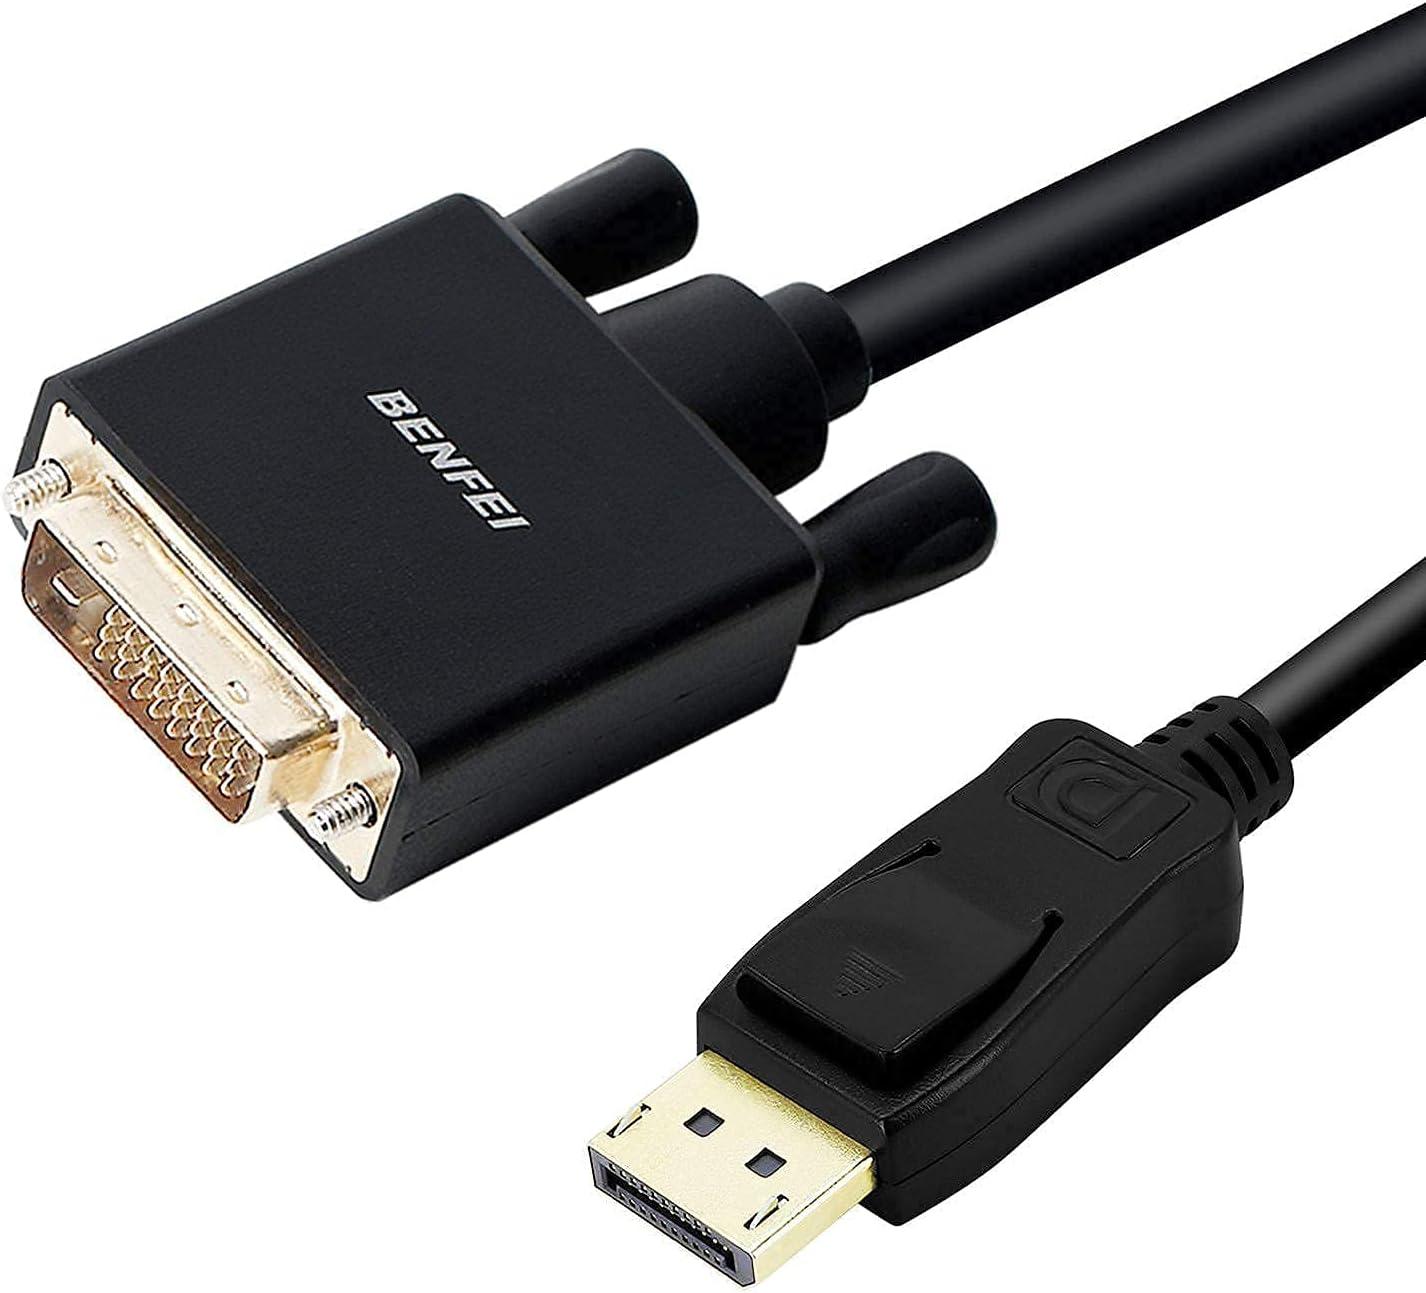 BENFEI Cable DisplayPort a DVI, 0,9 m Adaptador Macho a Macho Chapado en Oro para Lenovo, DELL, HP, ASUS y Otras Marcas